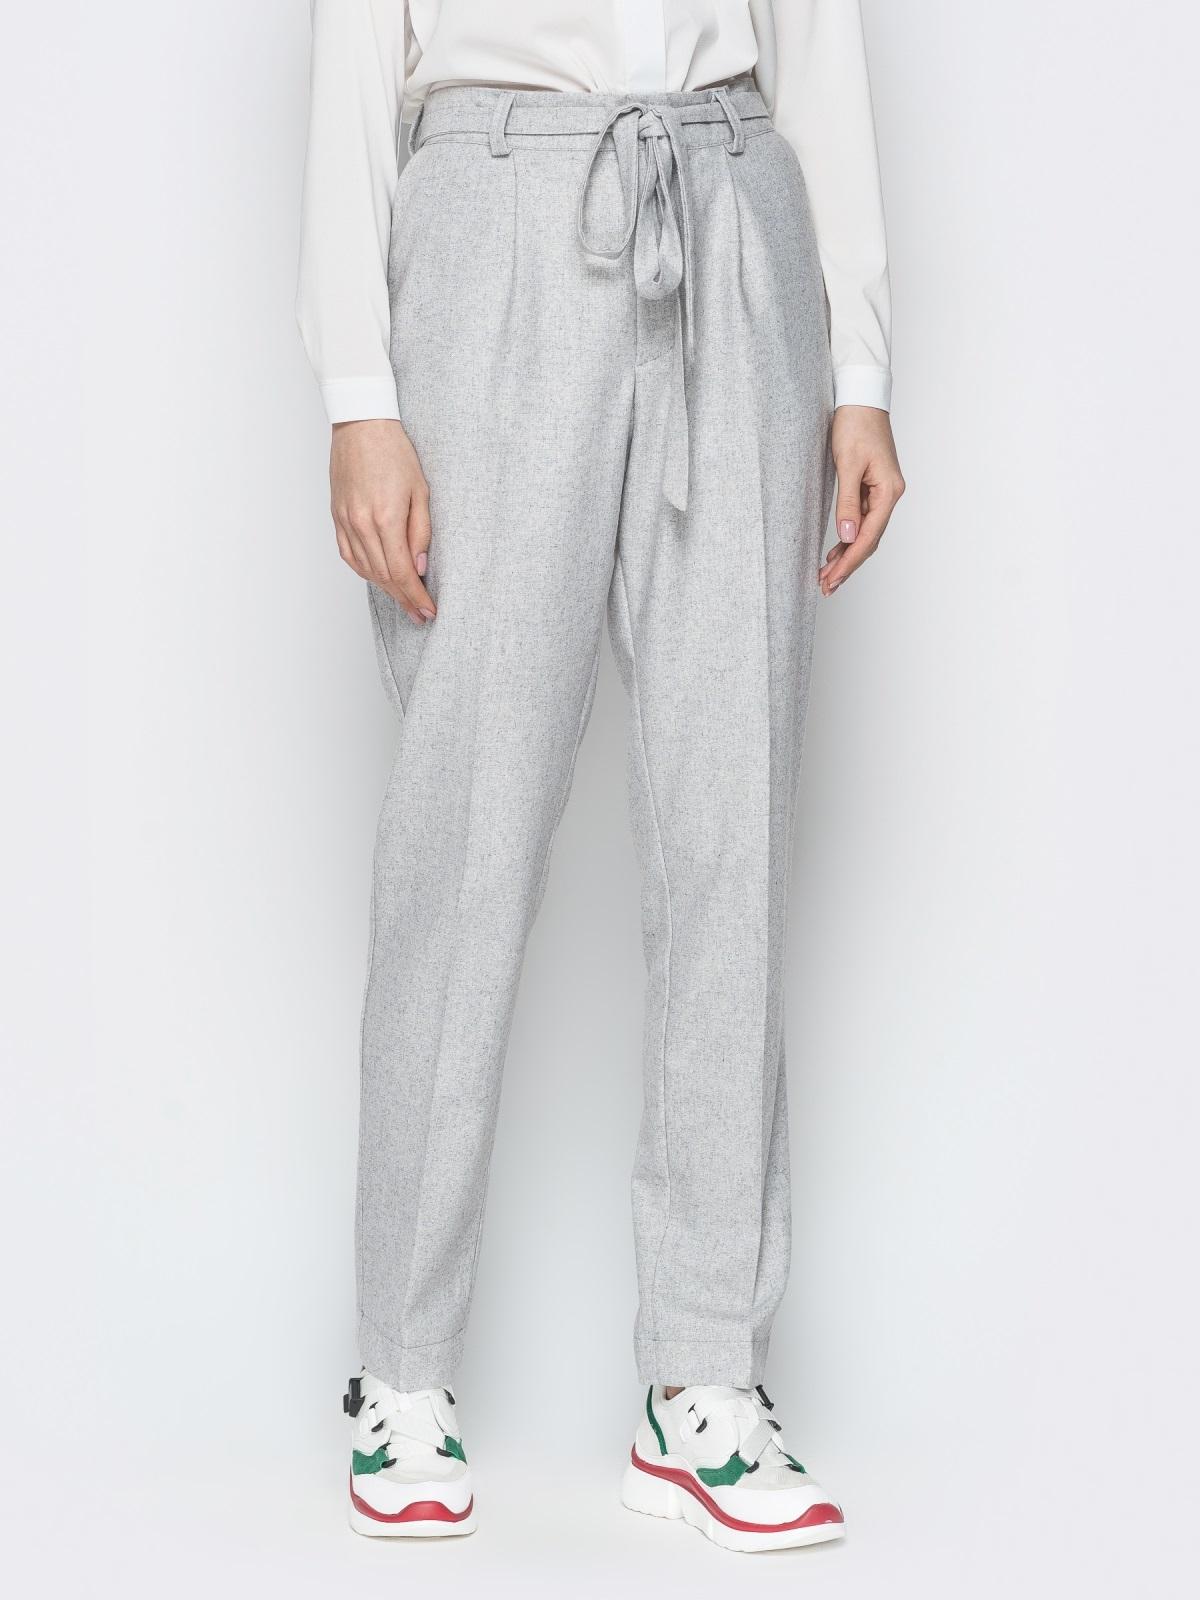 Светло-серые брюки с поясом и шлёвками 20093, фото 1